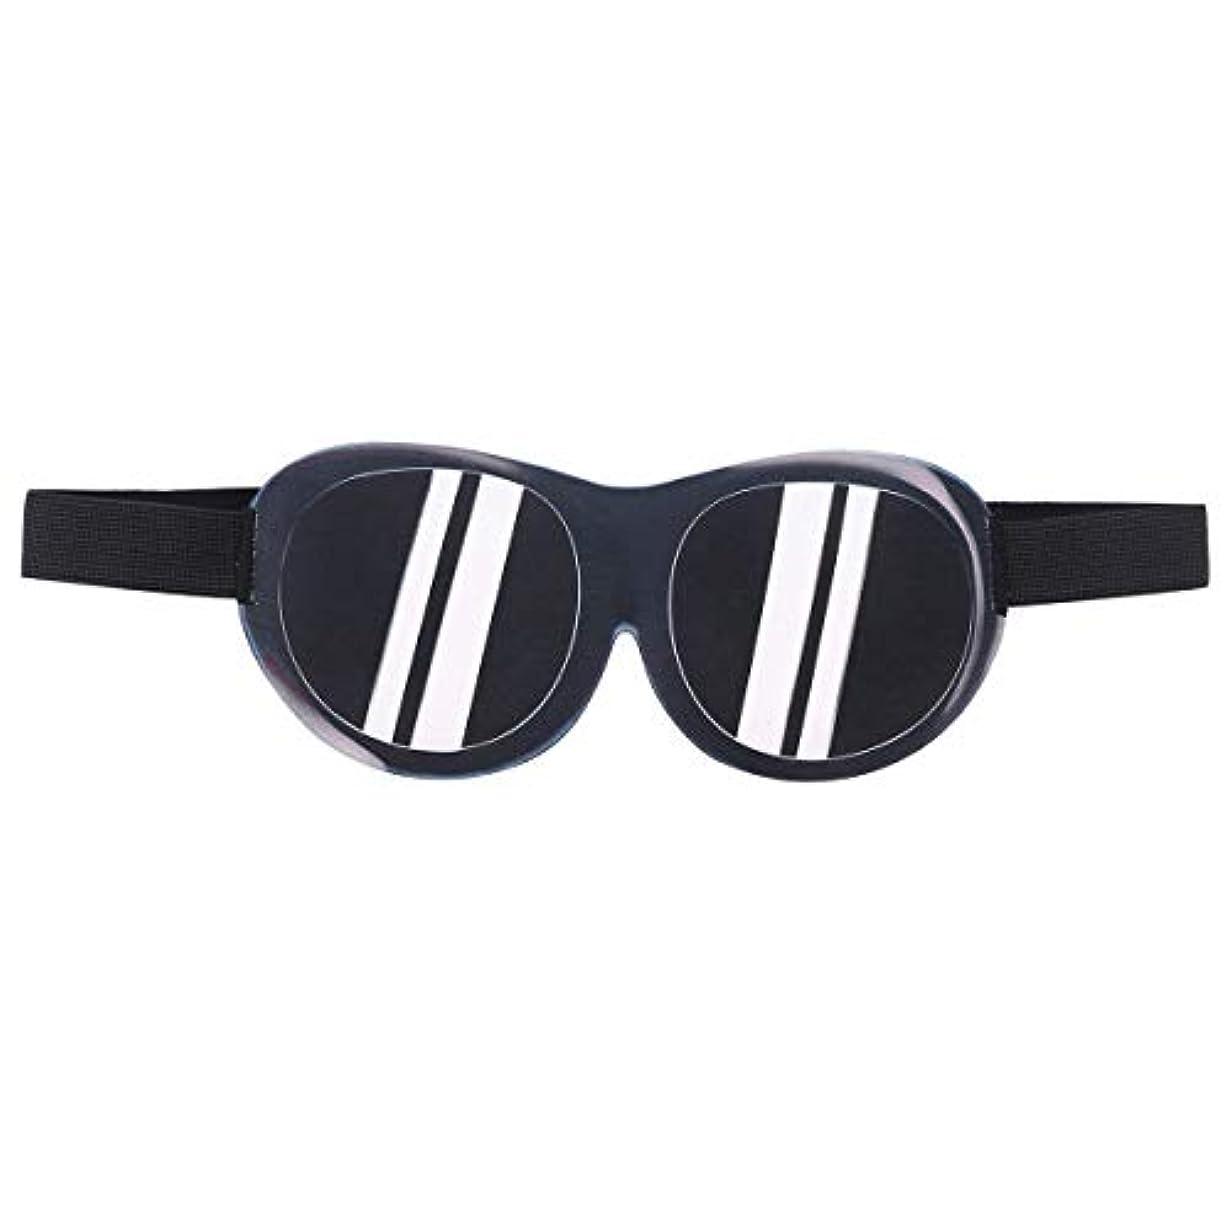 バイオレット拒絶する永久SUPVOX 面白いアイシェード3Dスリープマスクブラインドパッチアイマスク目隠し